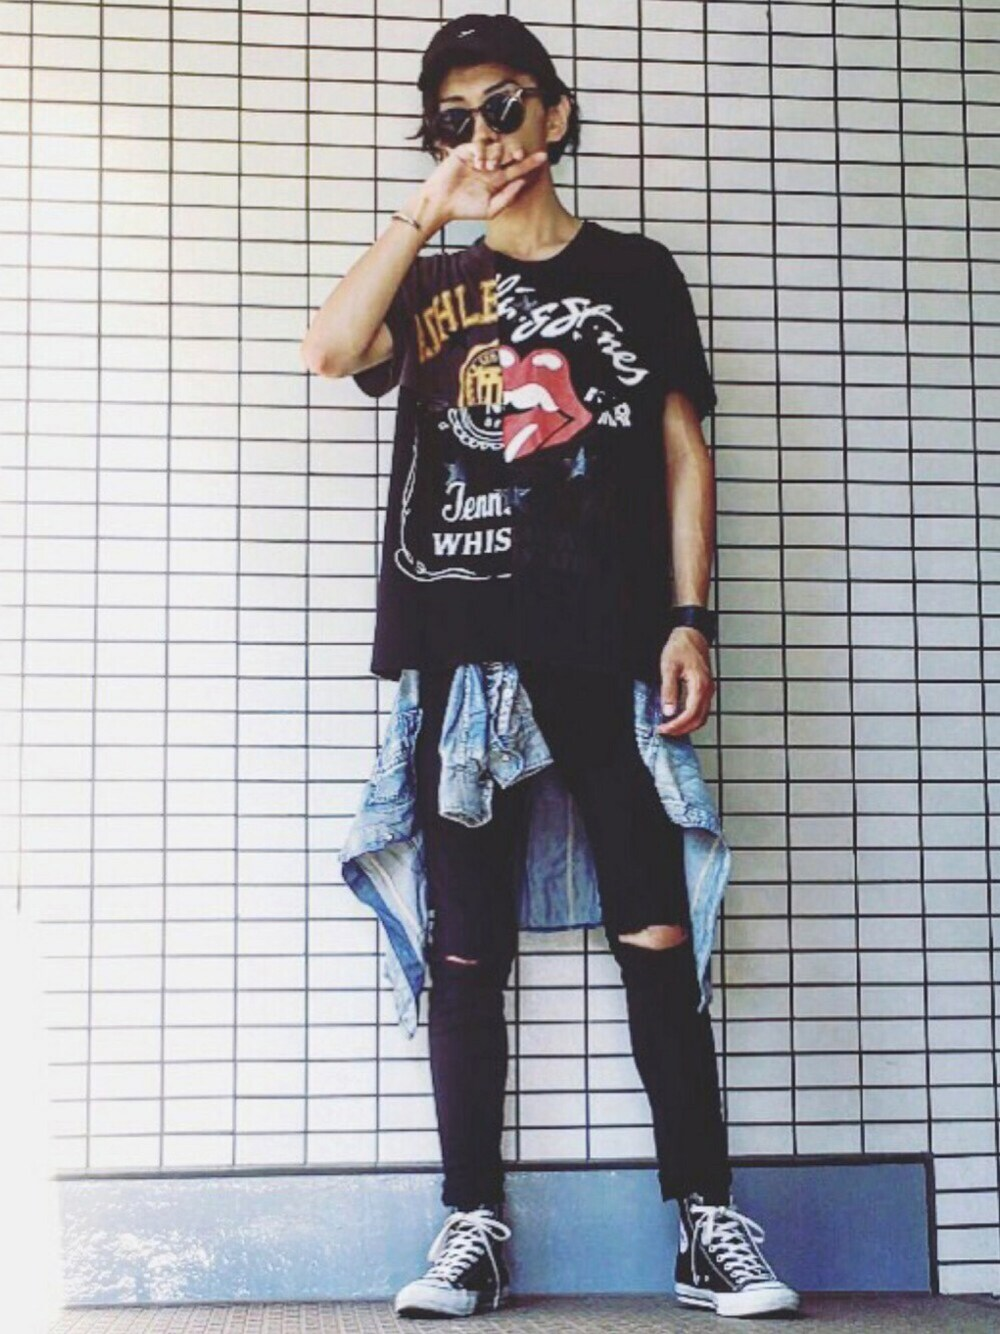 ビンテージ,バンドTシャツ,着こなし,コーディネート,メンズ,画像